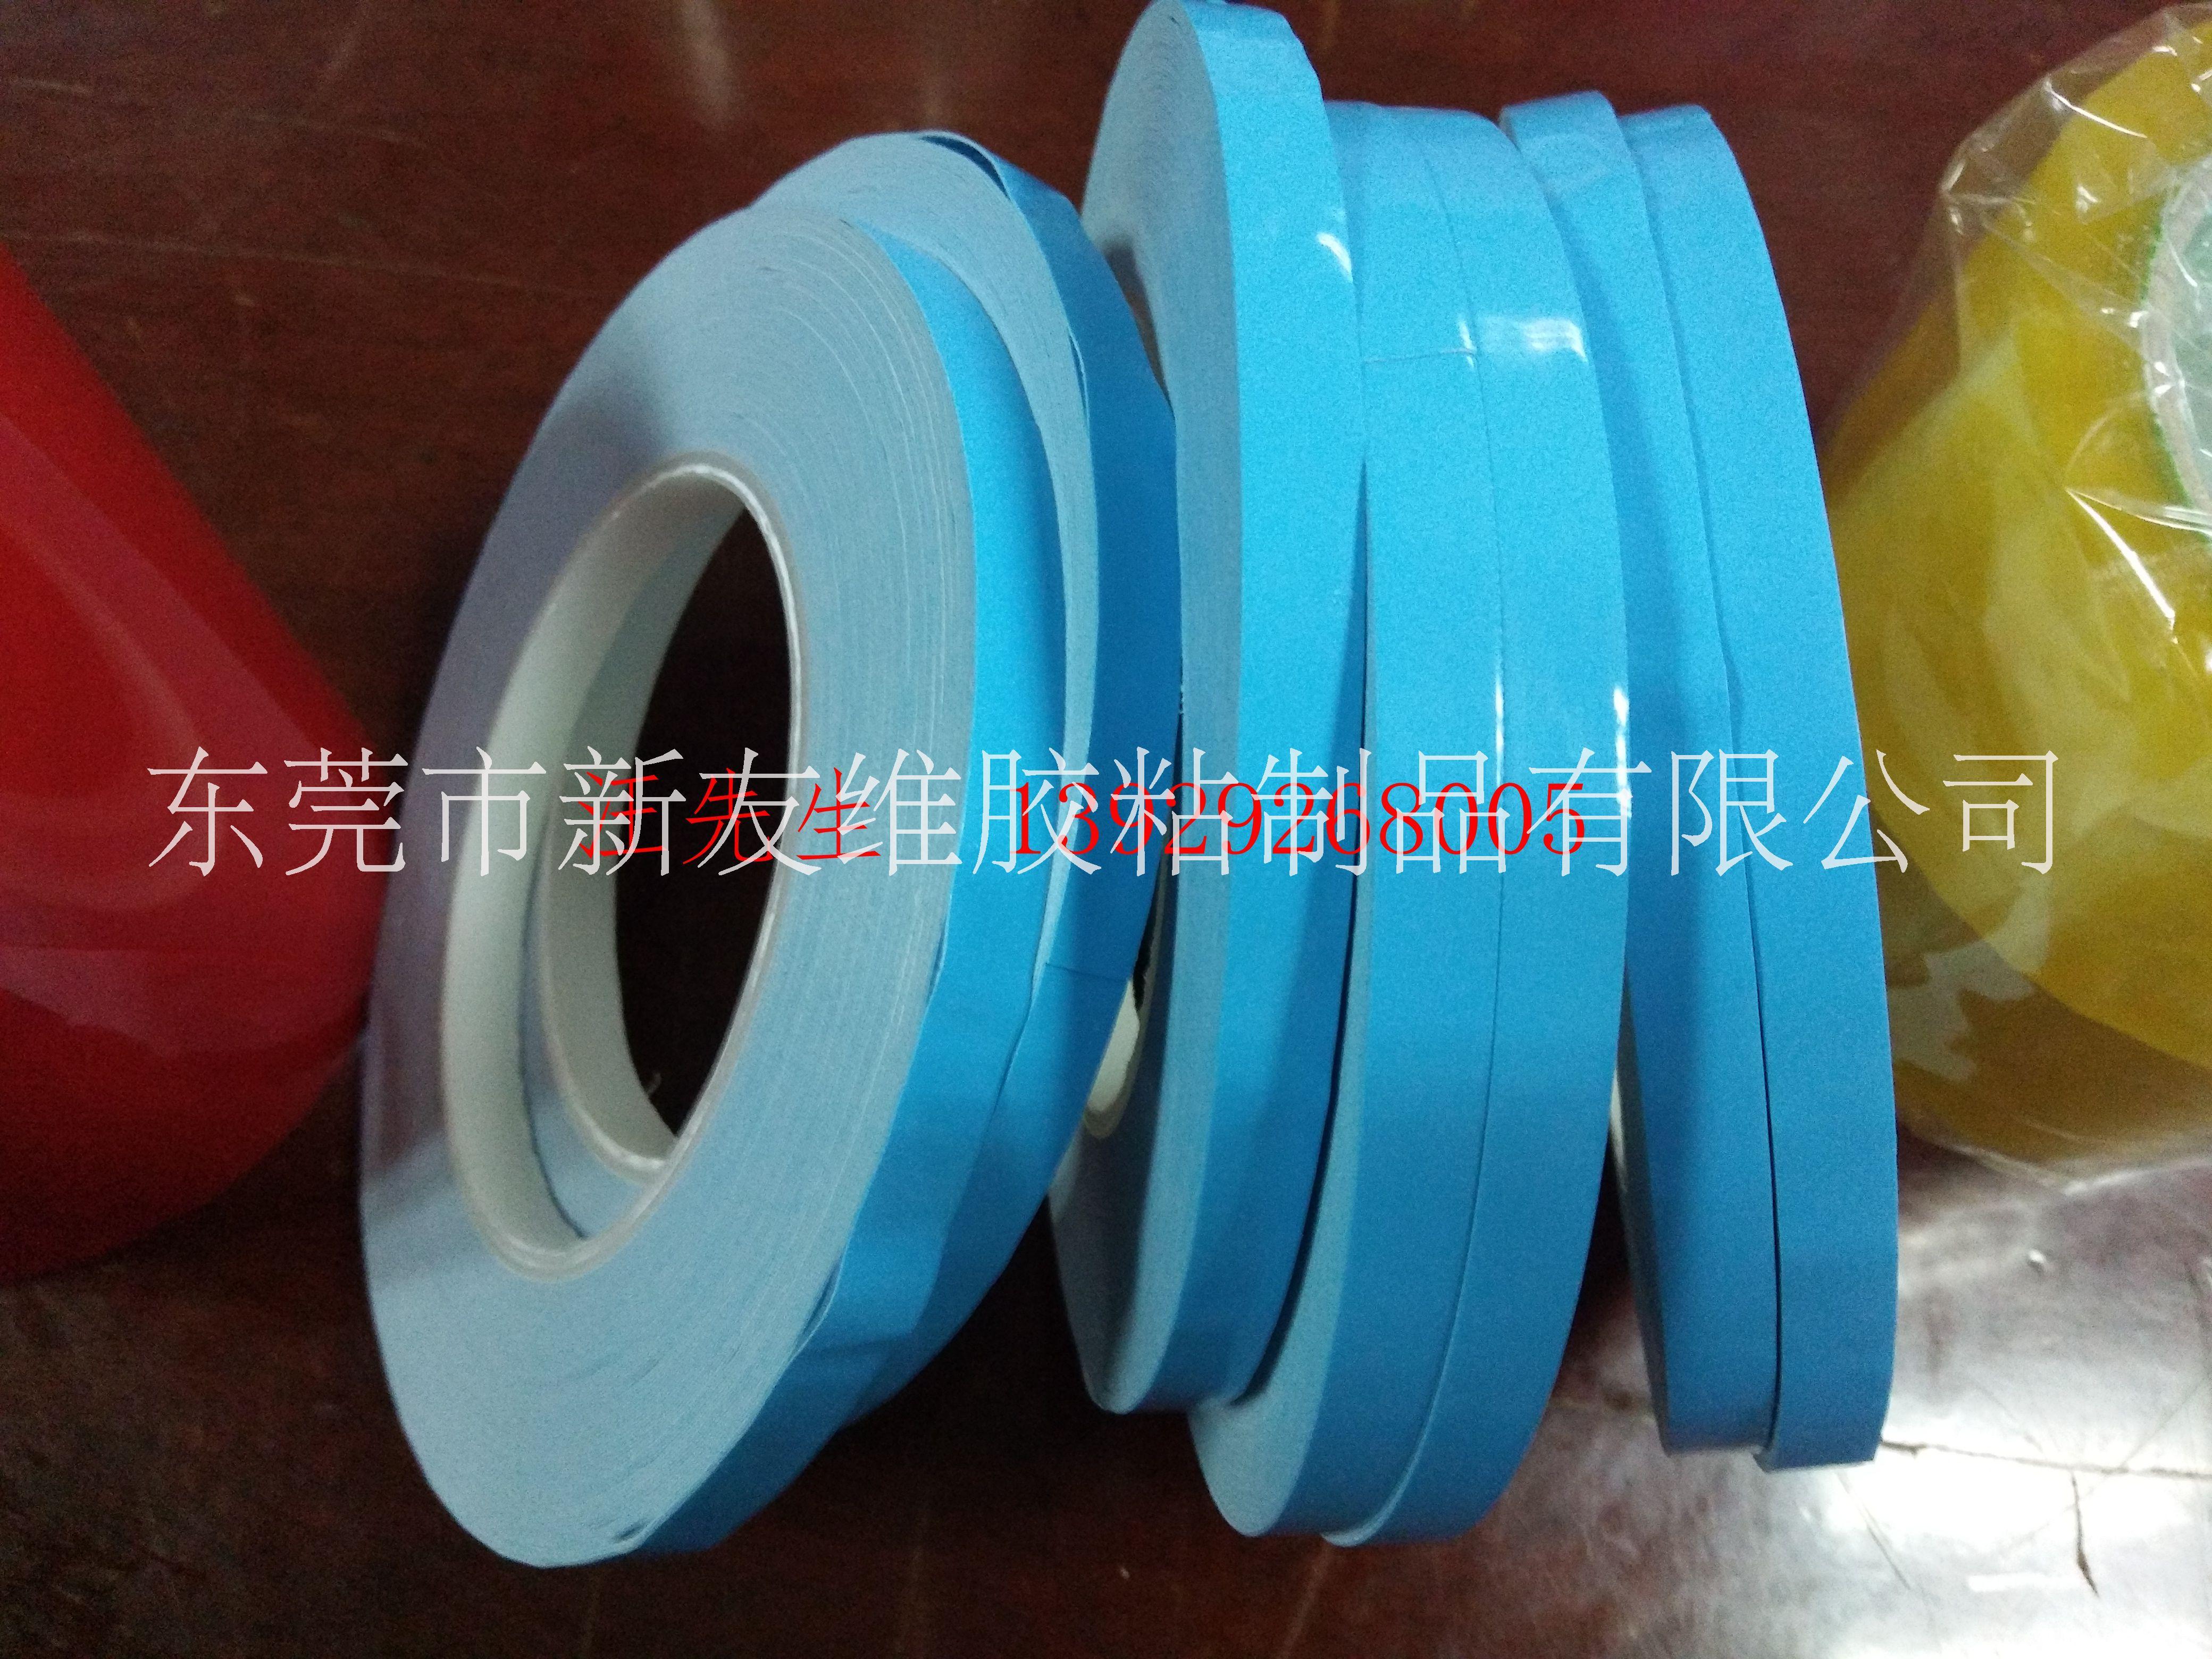 广东厂家生产面板灯导热双面胶  铝基板导热双面胶